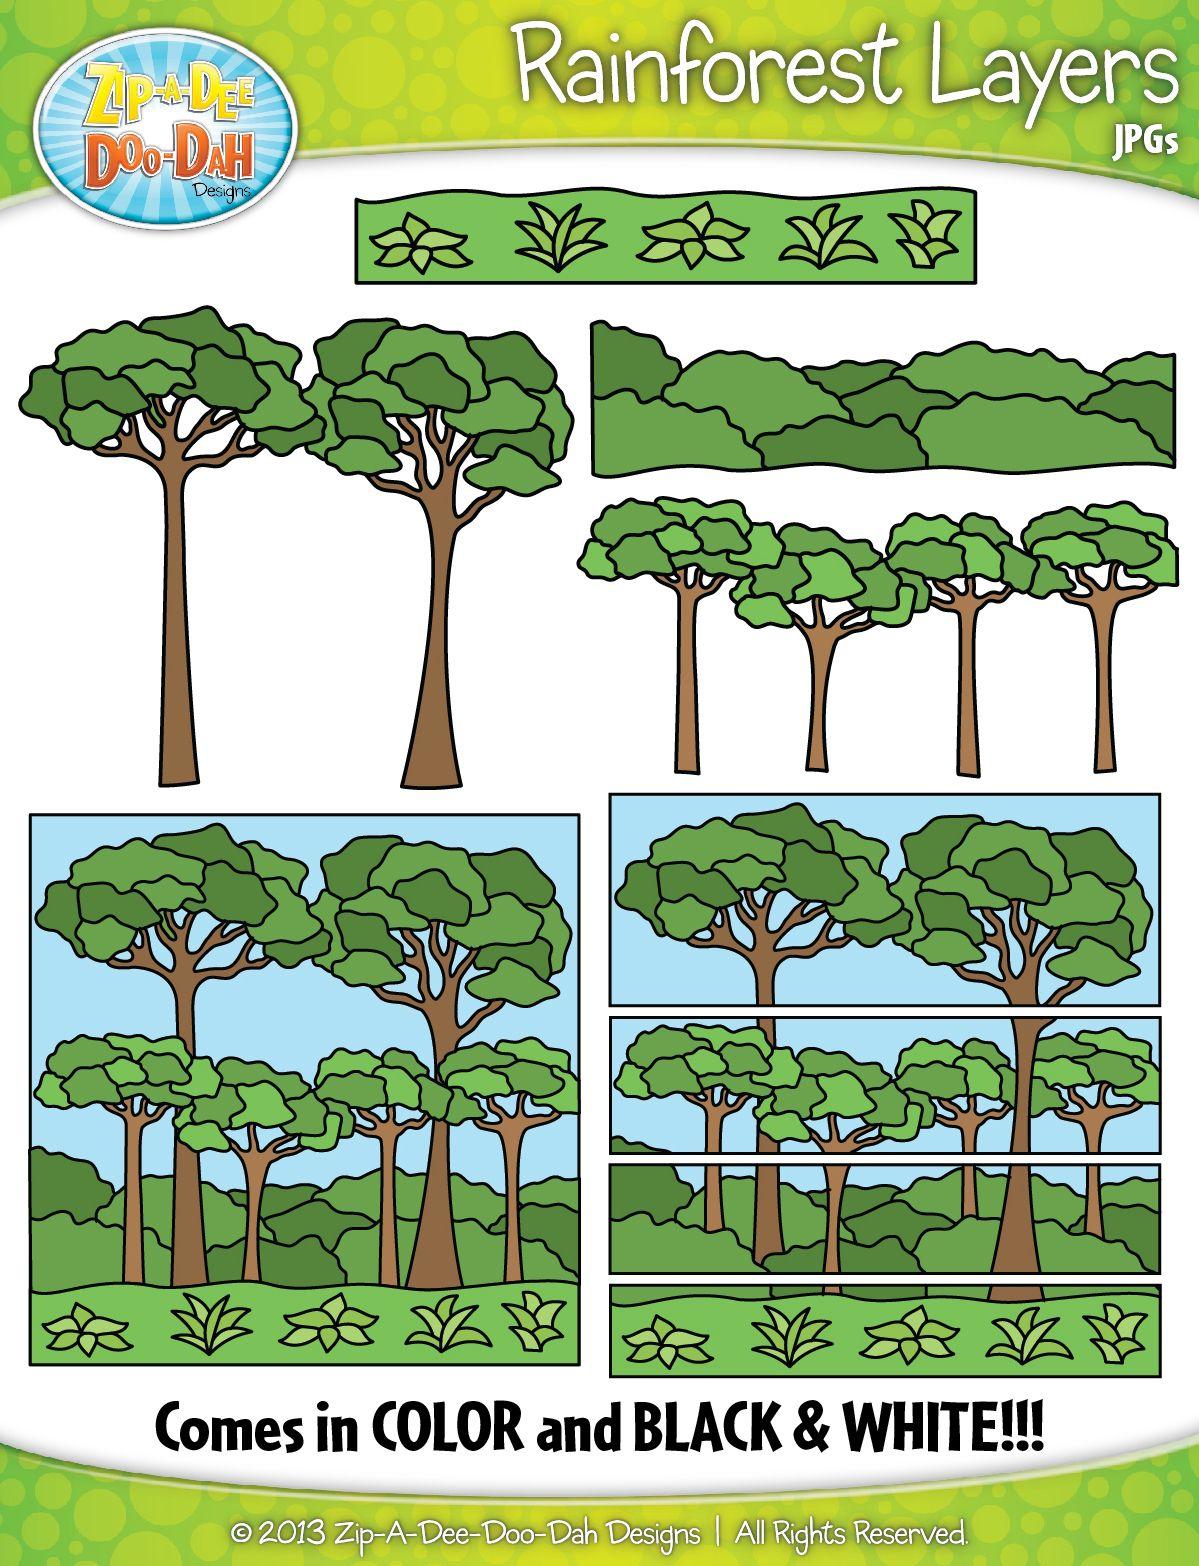 Rainforest Layers Clipart Zip A Dee Doo Dah Designs